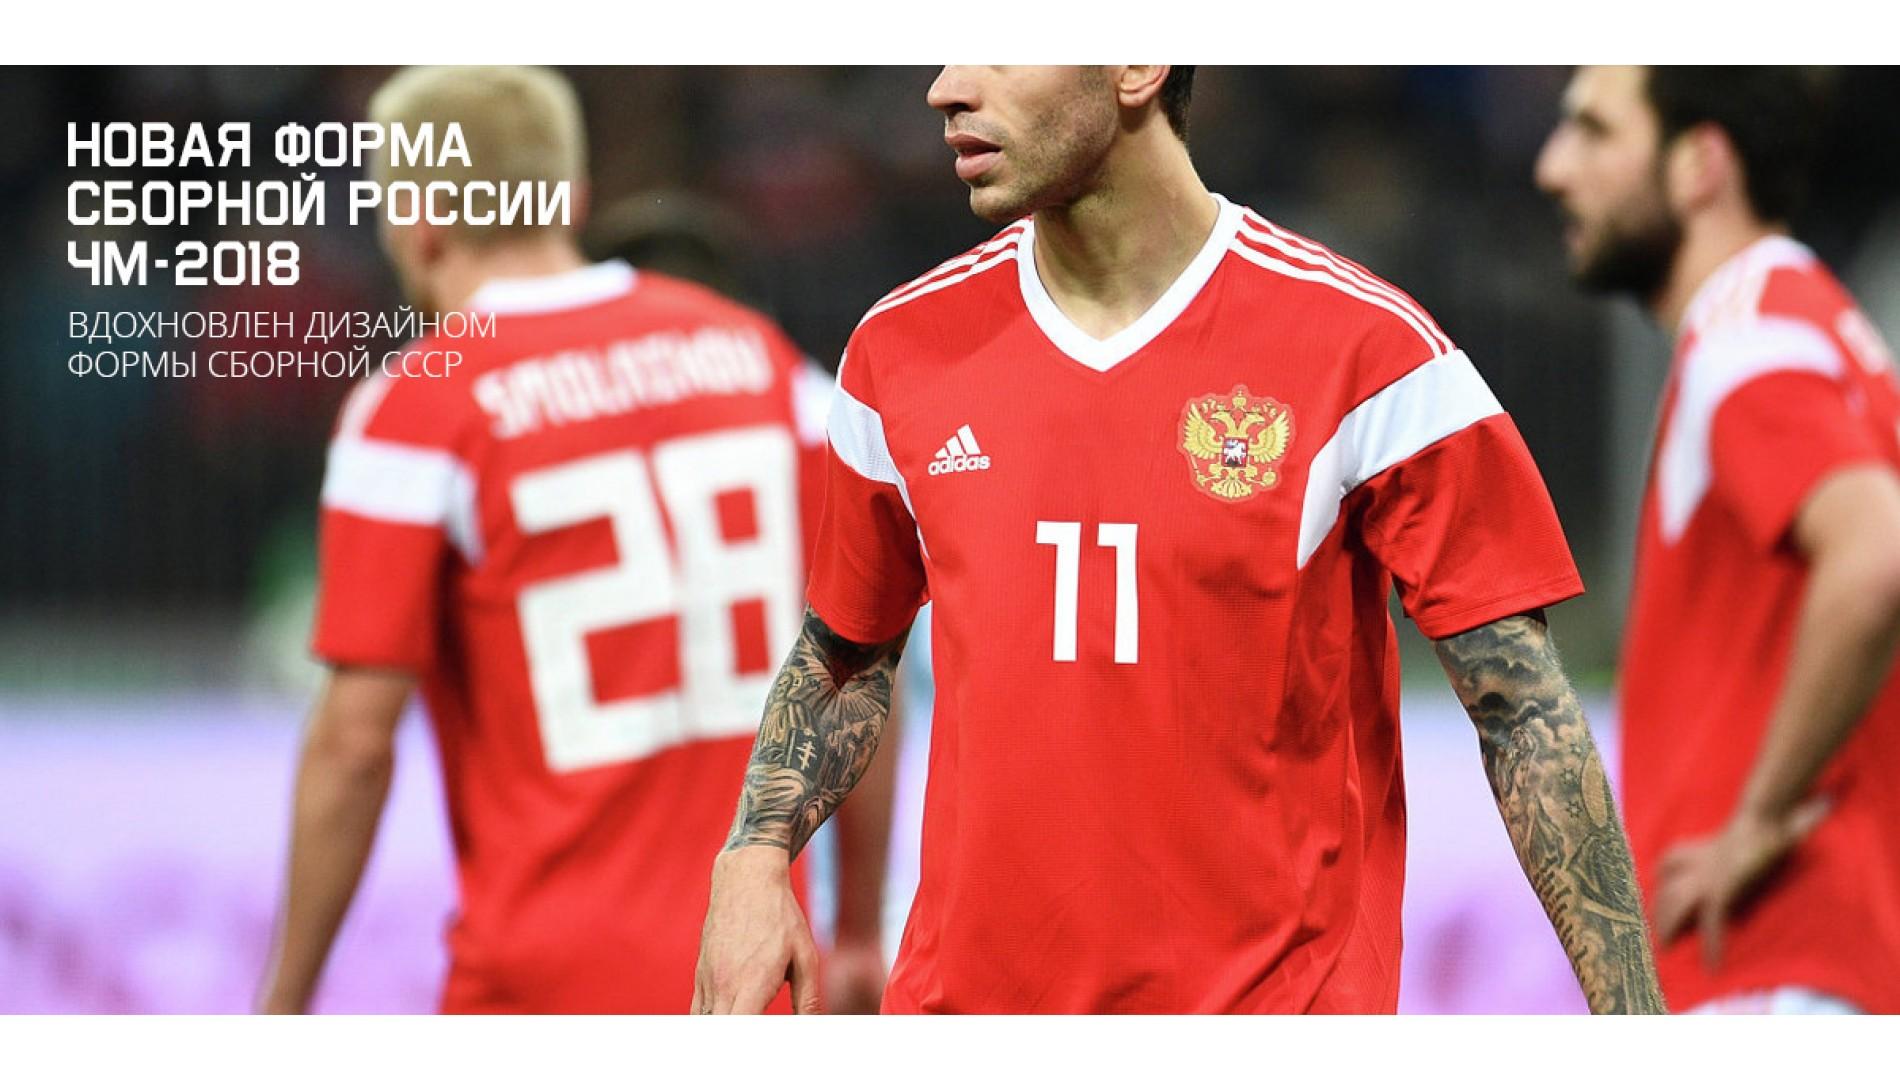 Новая форма сборной России по футболу 2018